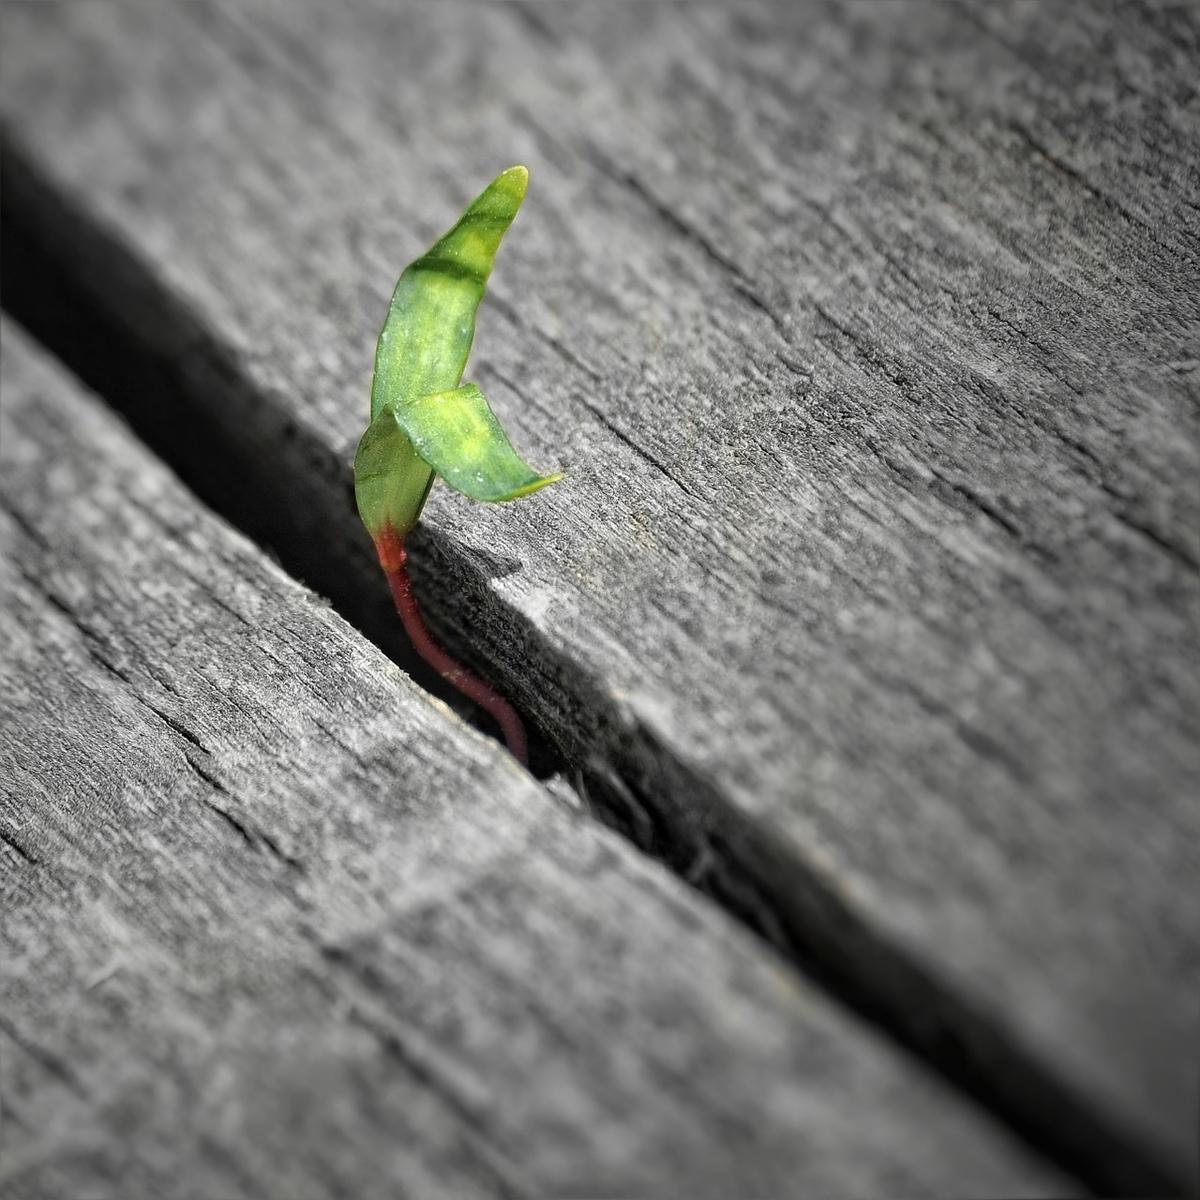 板の隙間から出てくる草の芽